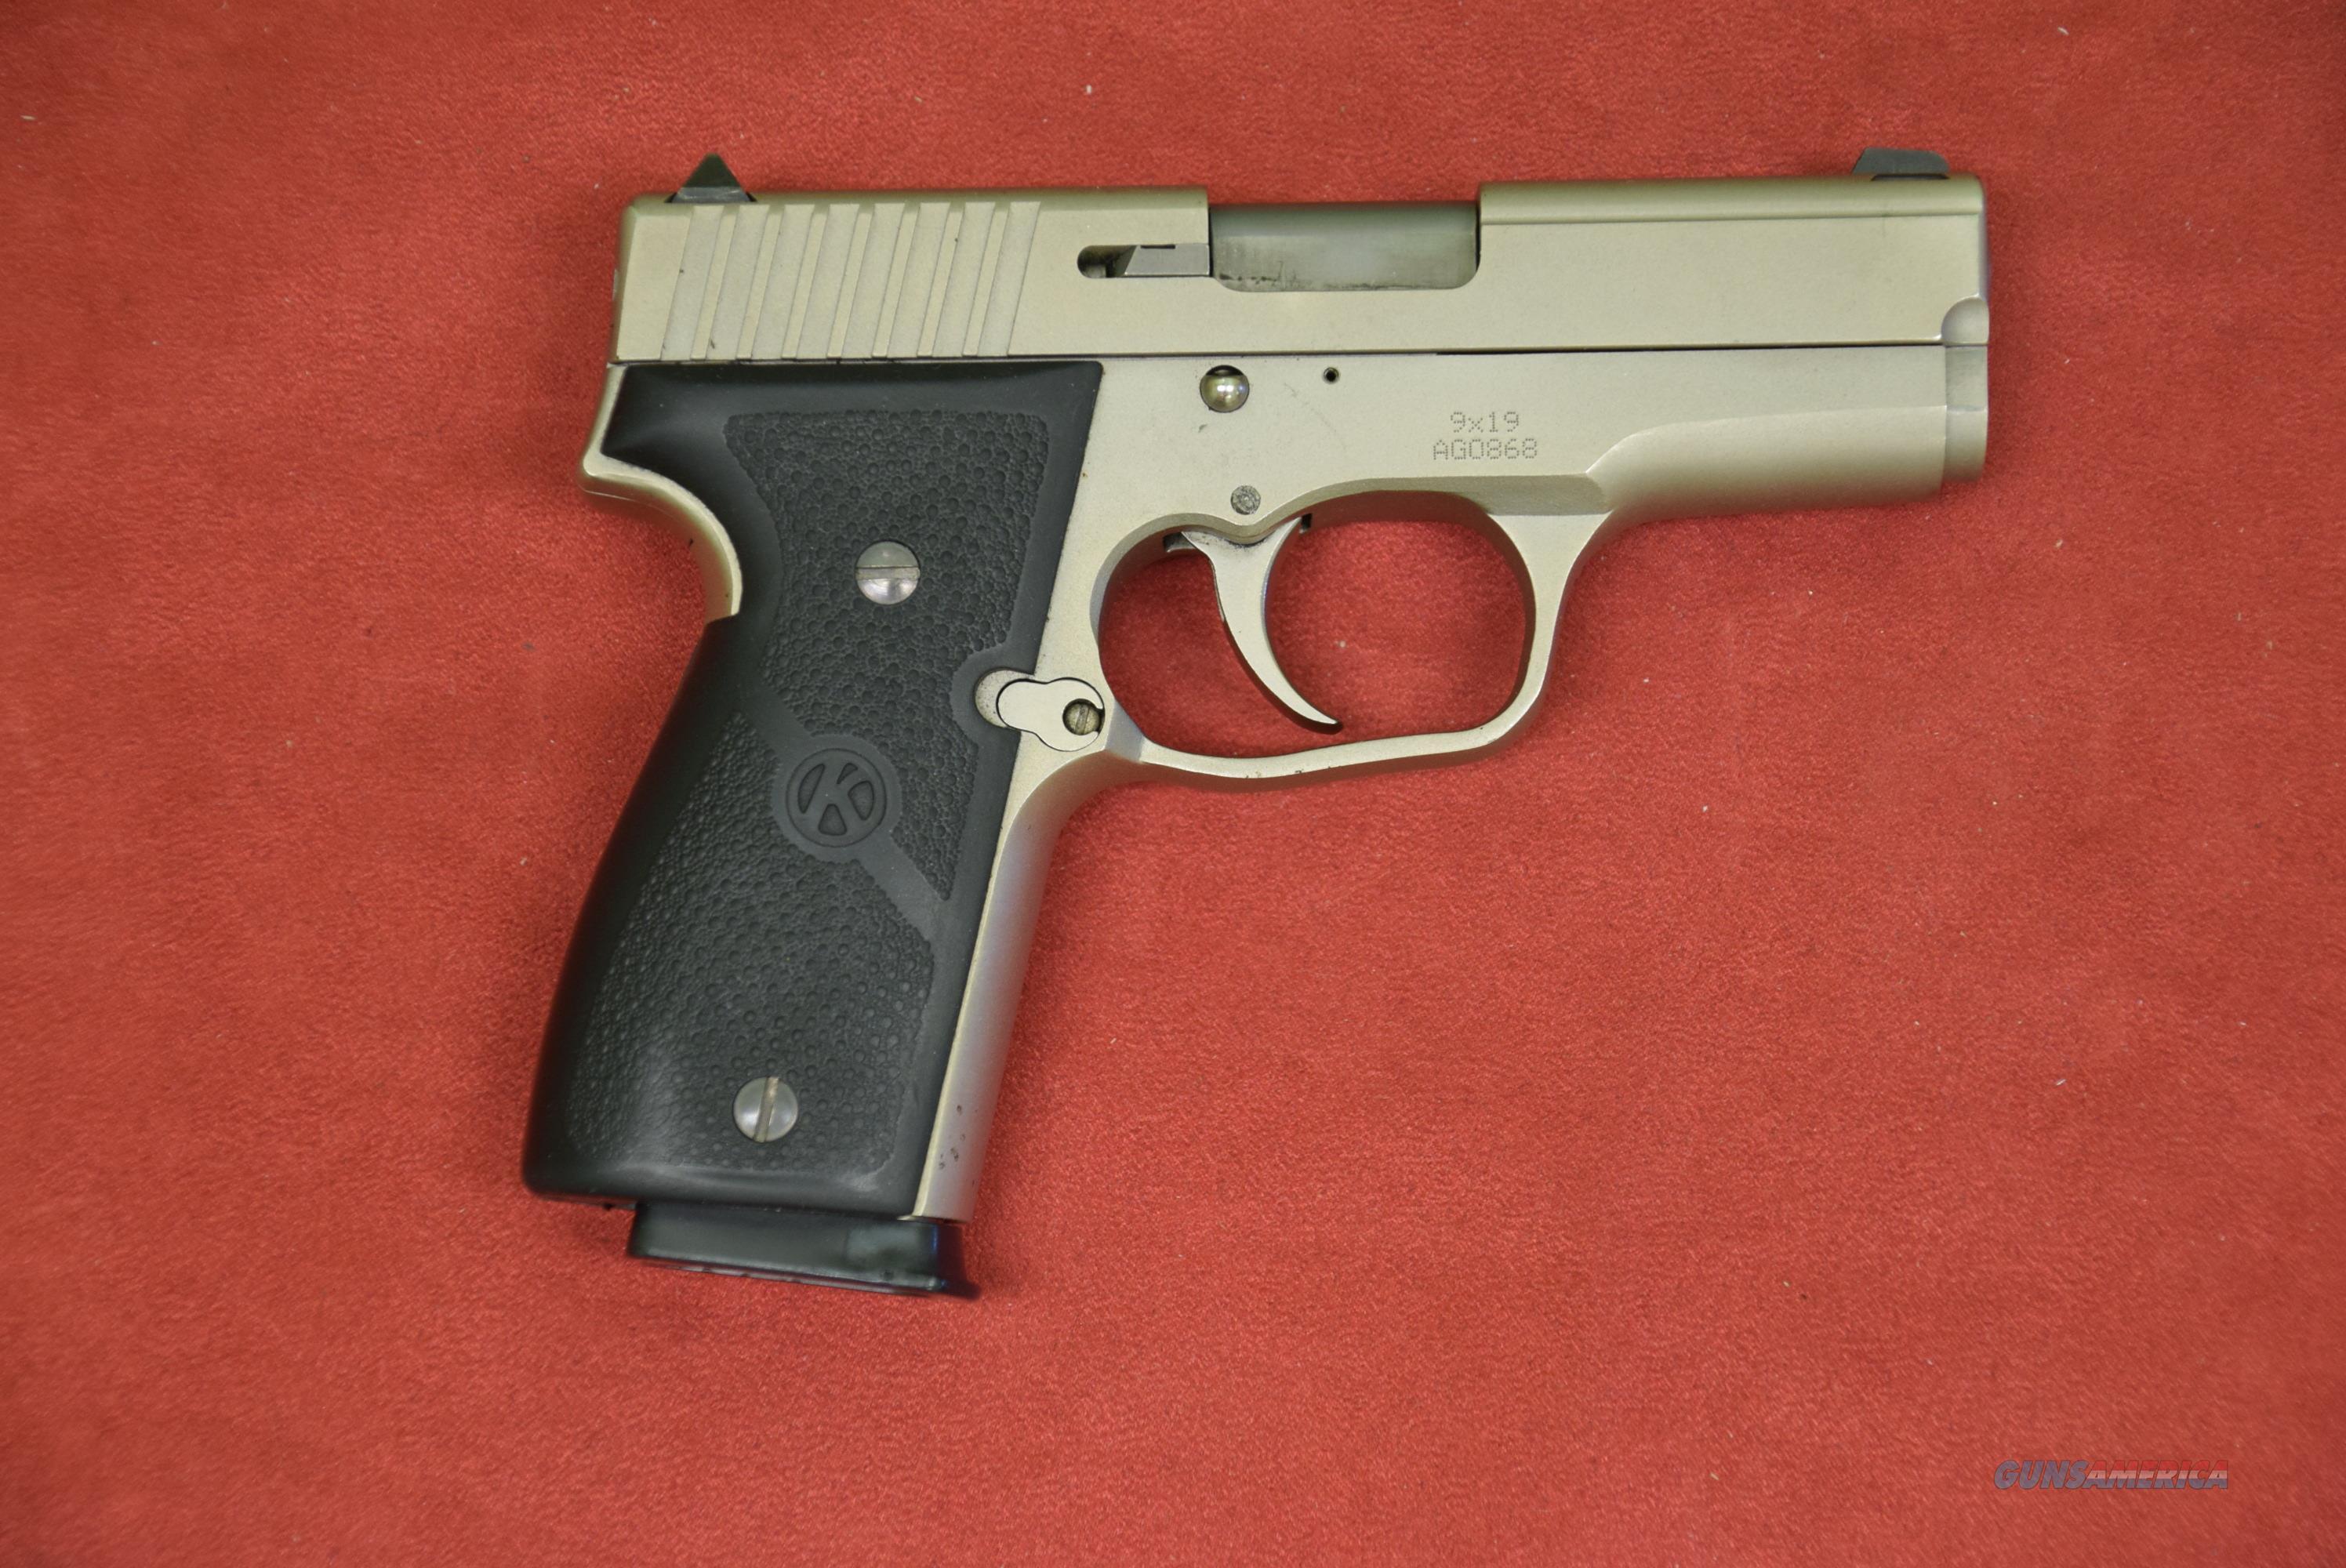 Kahr Arms K-9  9mm  Guns > Pistols > Kahr Pistols